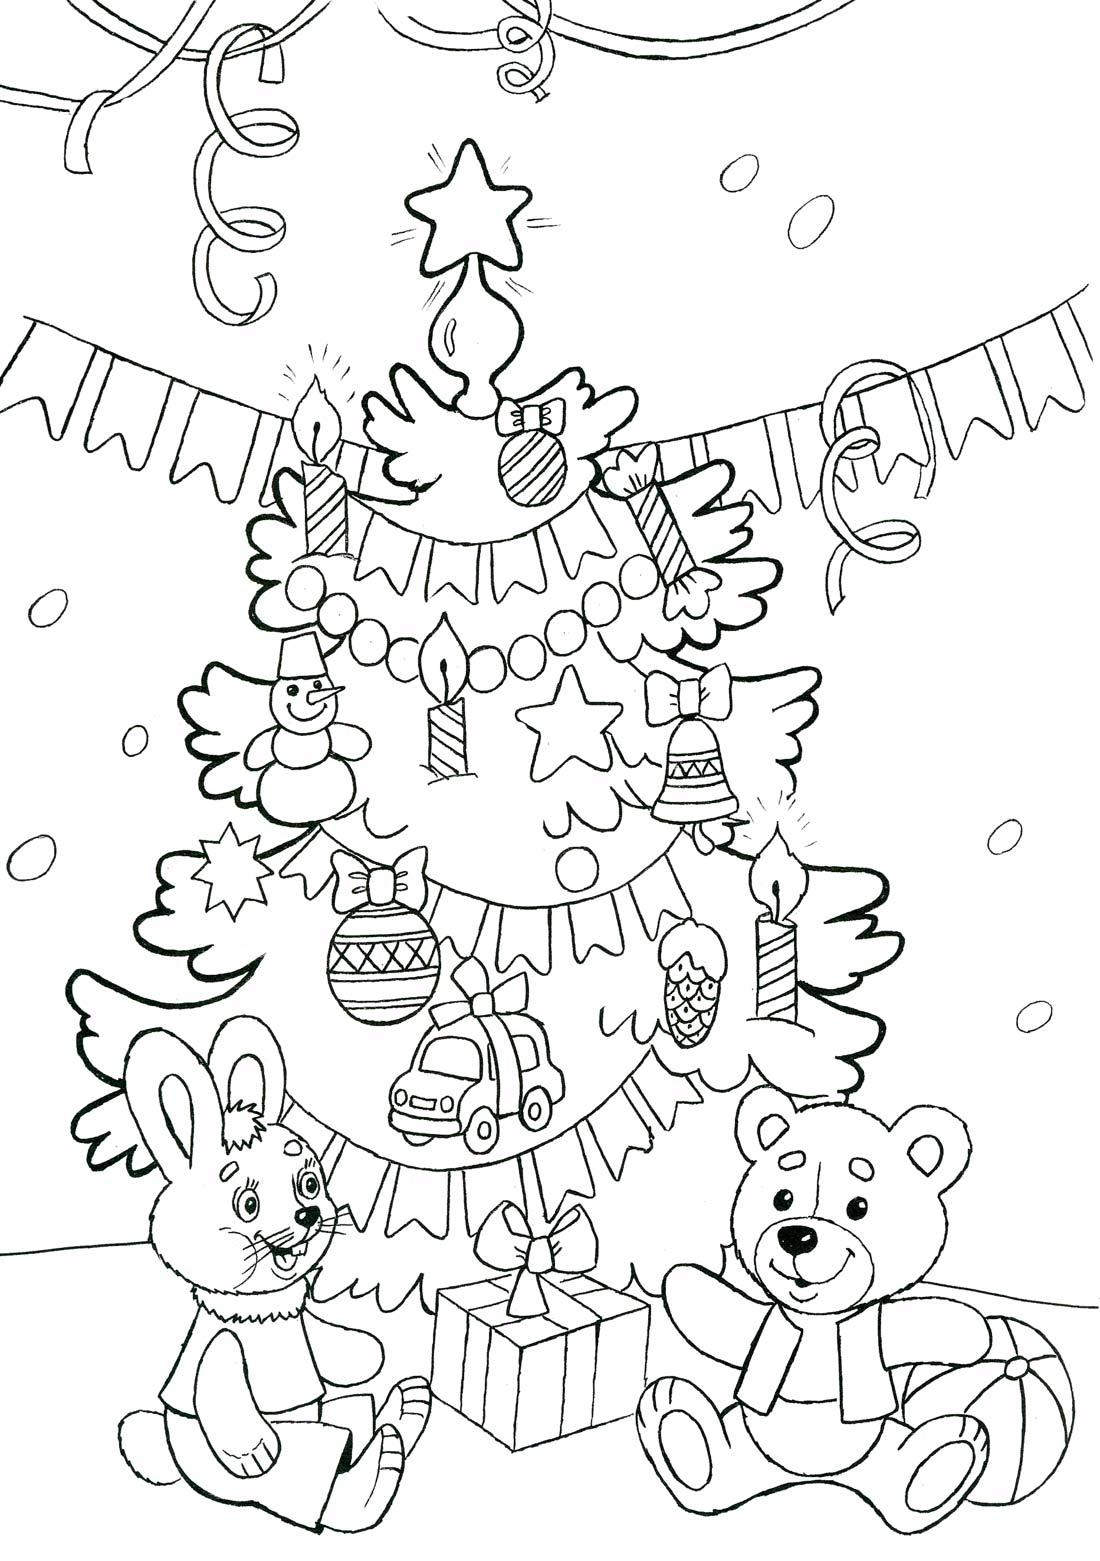 Раскраски на Новый Год - детские раскраски распечатать ...